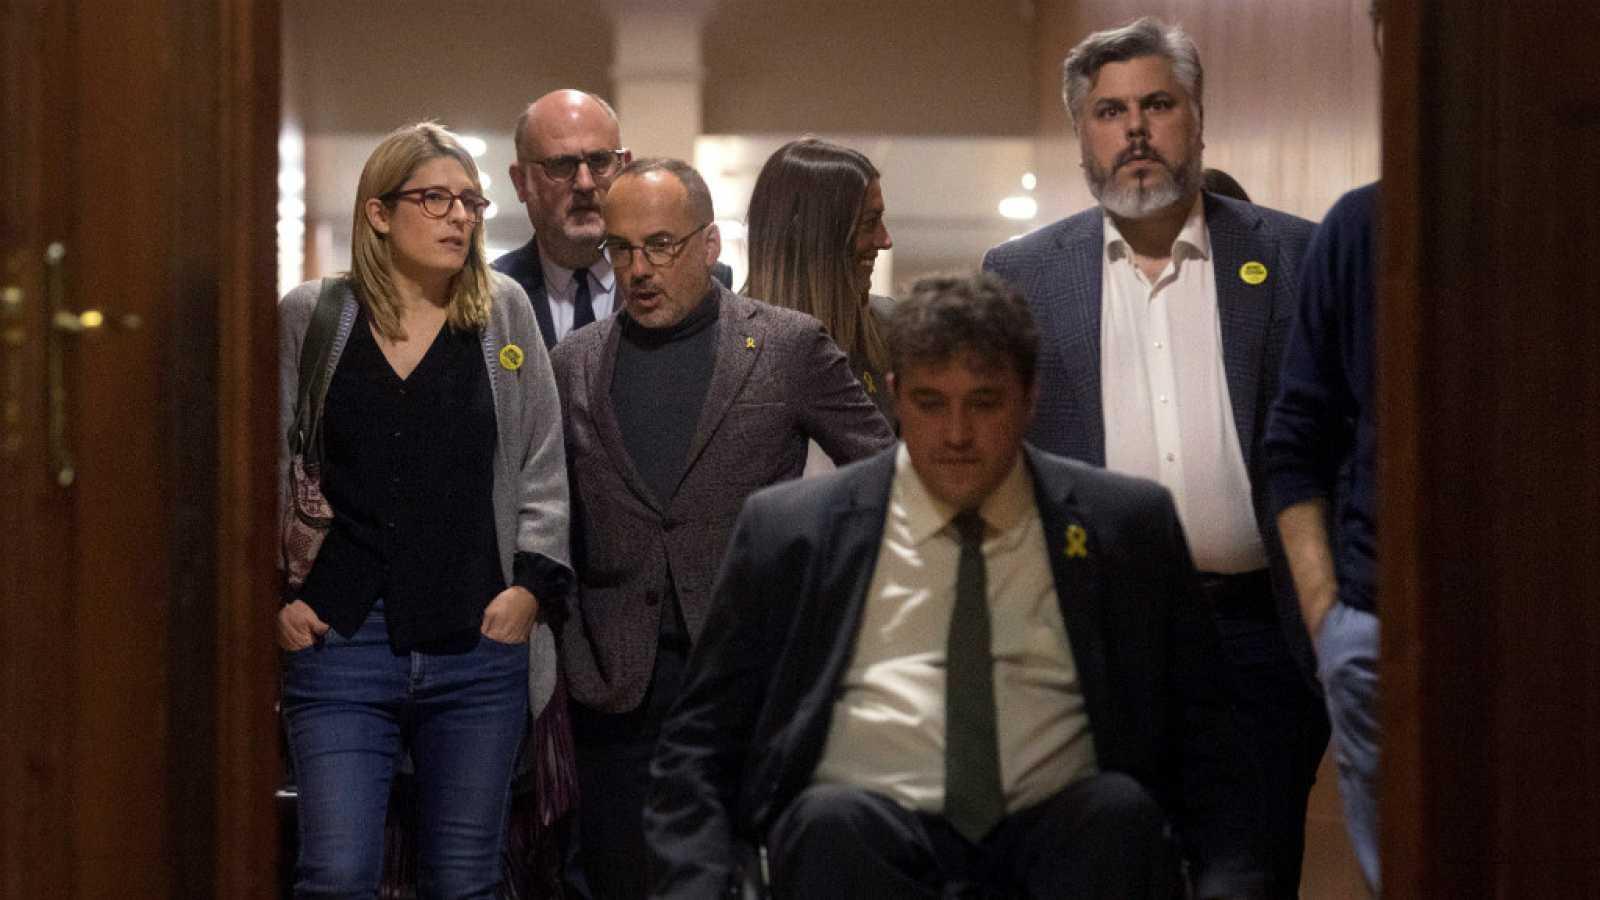 Las mañanas de RNE con Íñigo Alfonso - Los partidos independentistas tratan de ofrecer una imagen de unidad frente al juicio - Escuchar ahora